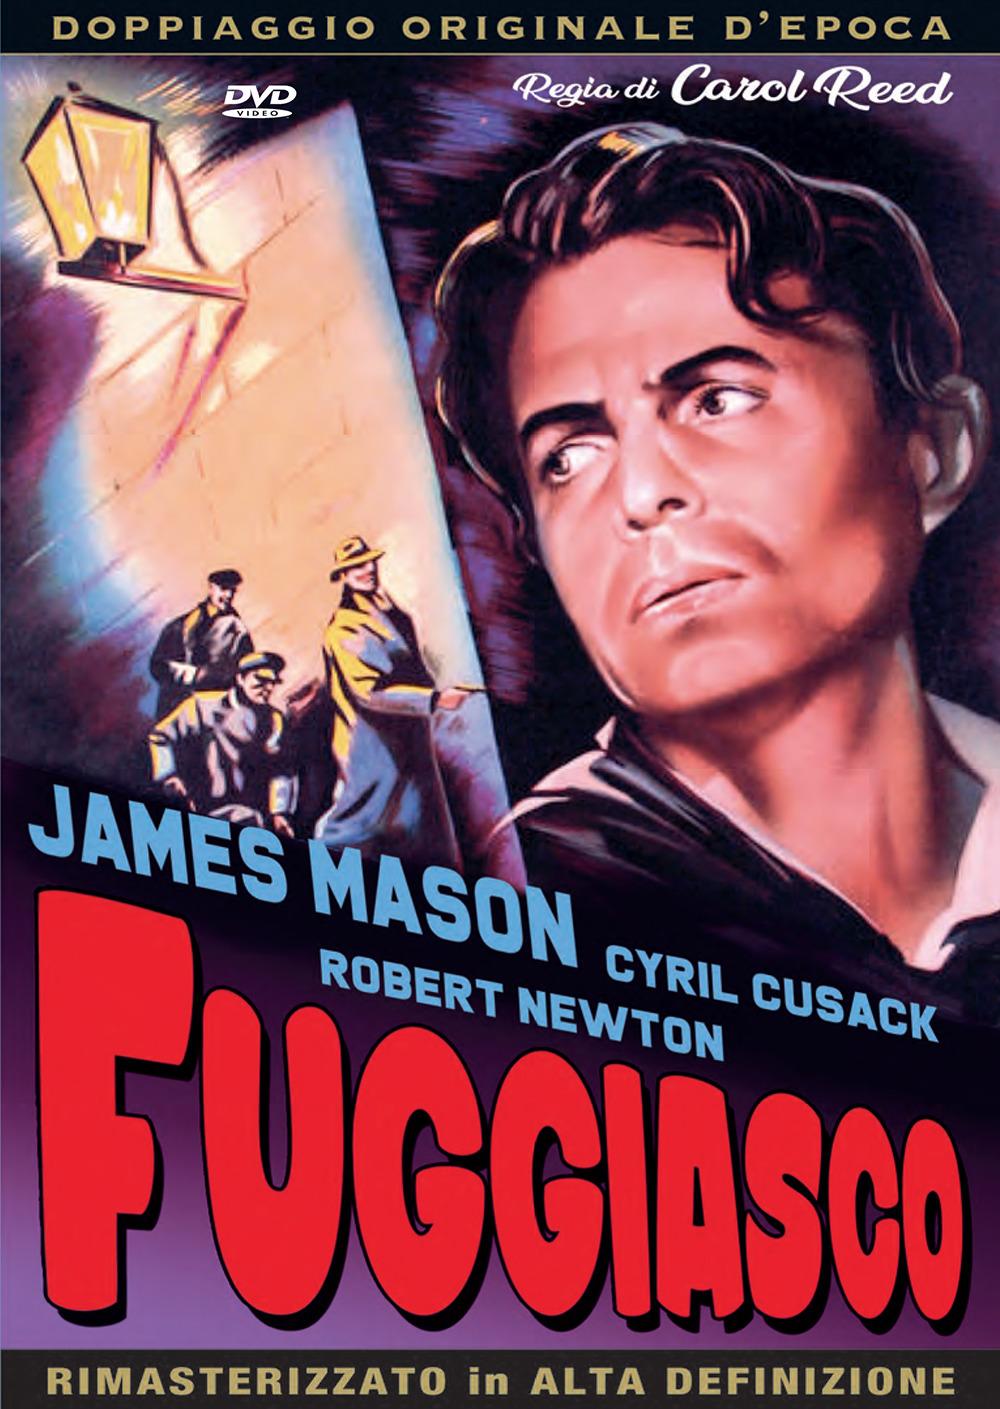 FUGGIASCO (DVD)